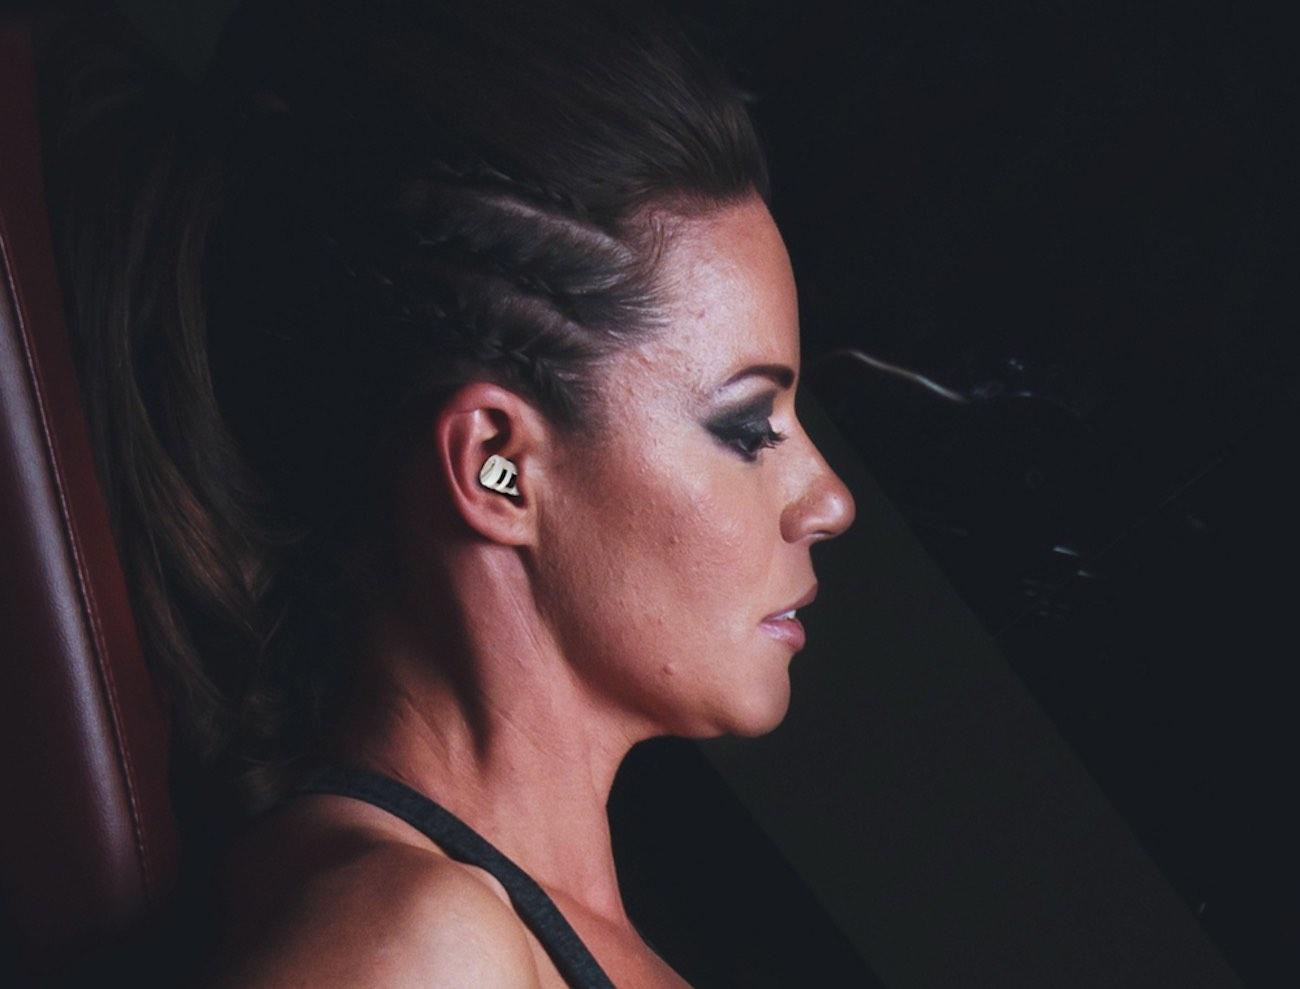 Rowkin Mini Sports Bluetooth Earbud – 24K Gold Edition